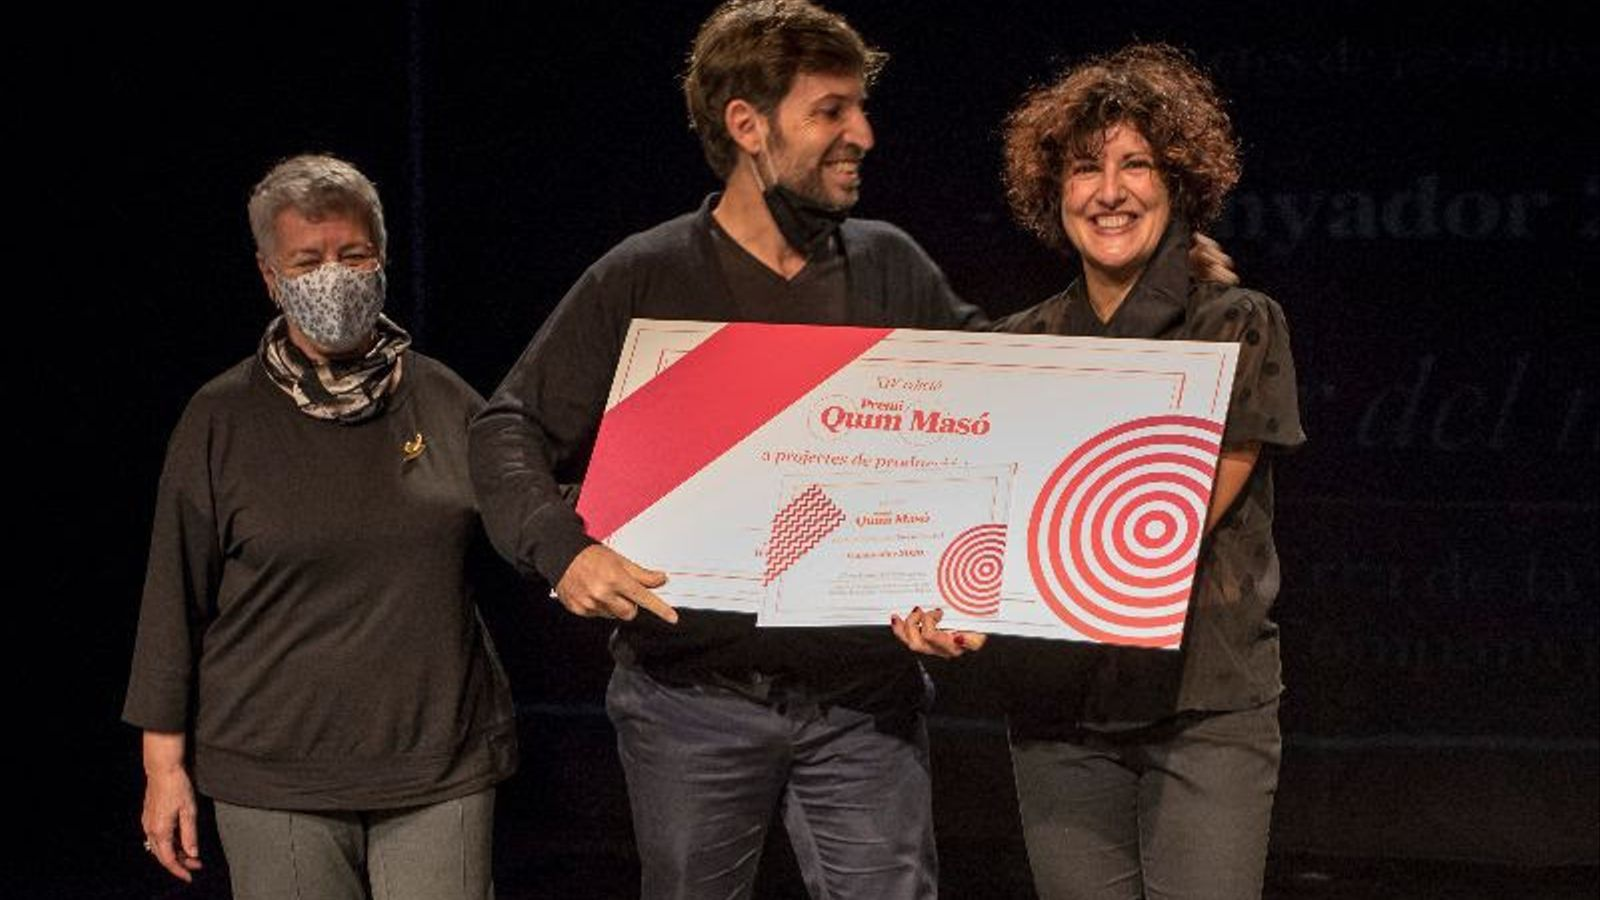 La Danesa guanya el Premi Quim Masó amb l'adaptació d''El nedador del mar secret'